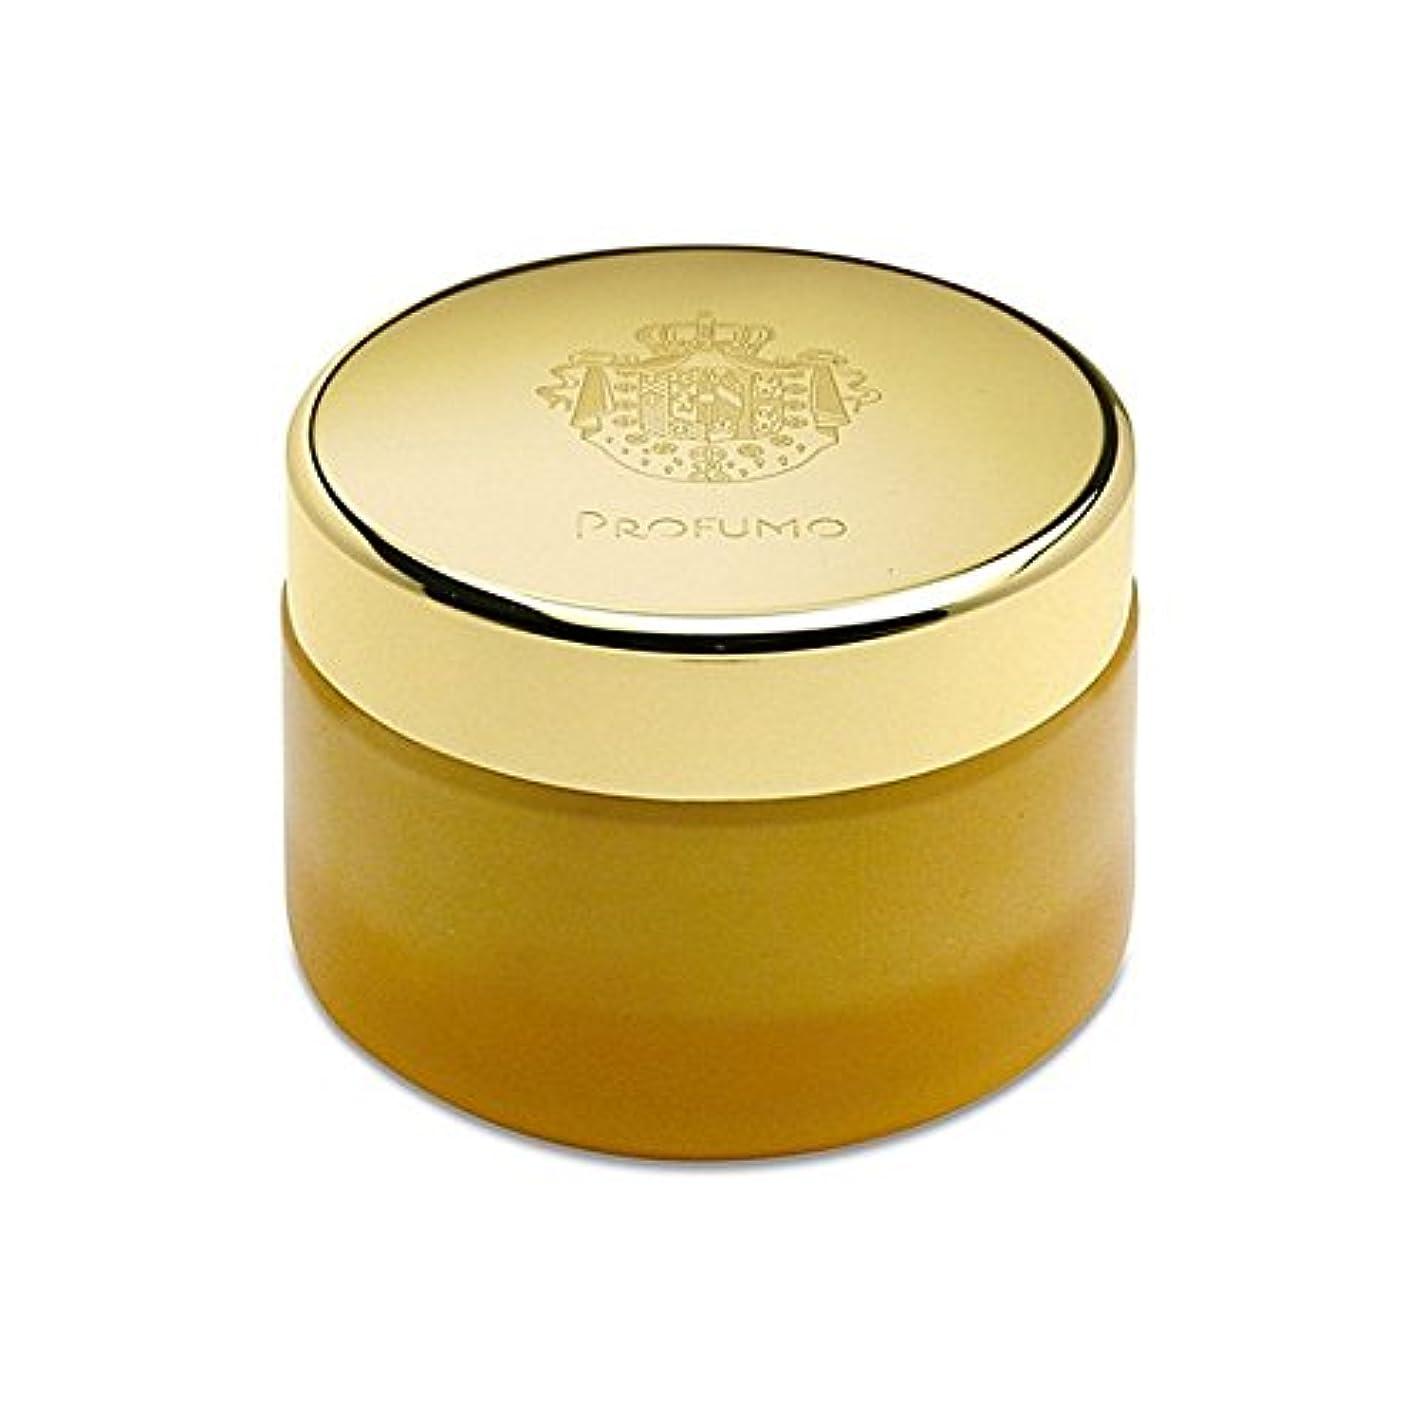 継続中くま多くの危険がある状況Acqua Di Parma Profumo Body Cream 200ml (Pack of 6) - アクアディパルマボディクリーム200ミリリットル x6 [並行輸入品]